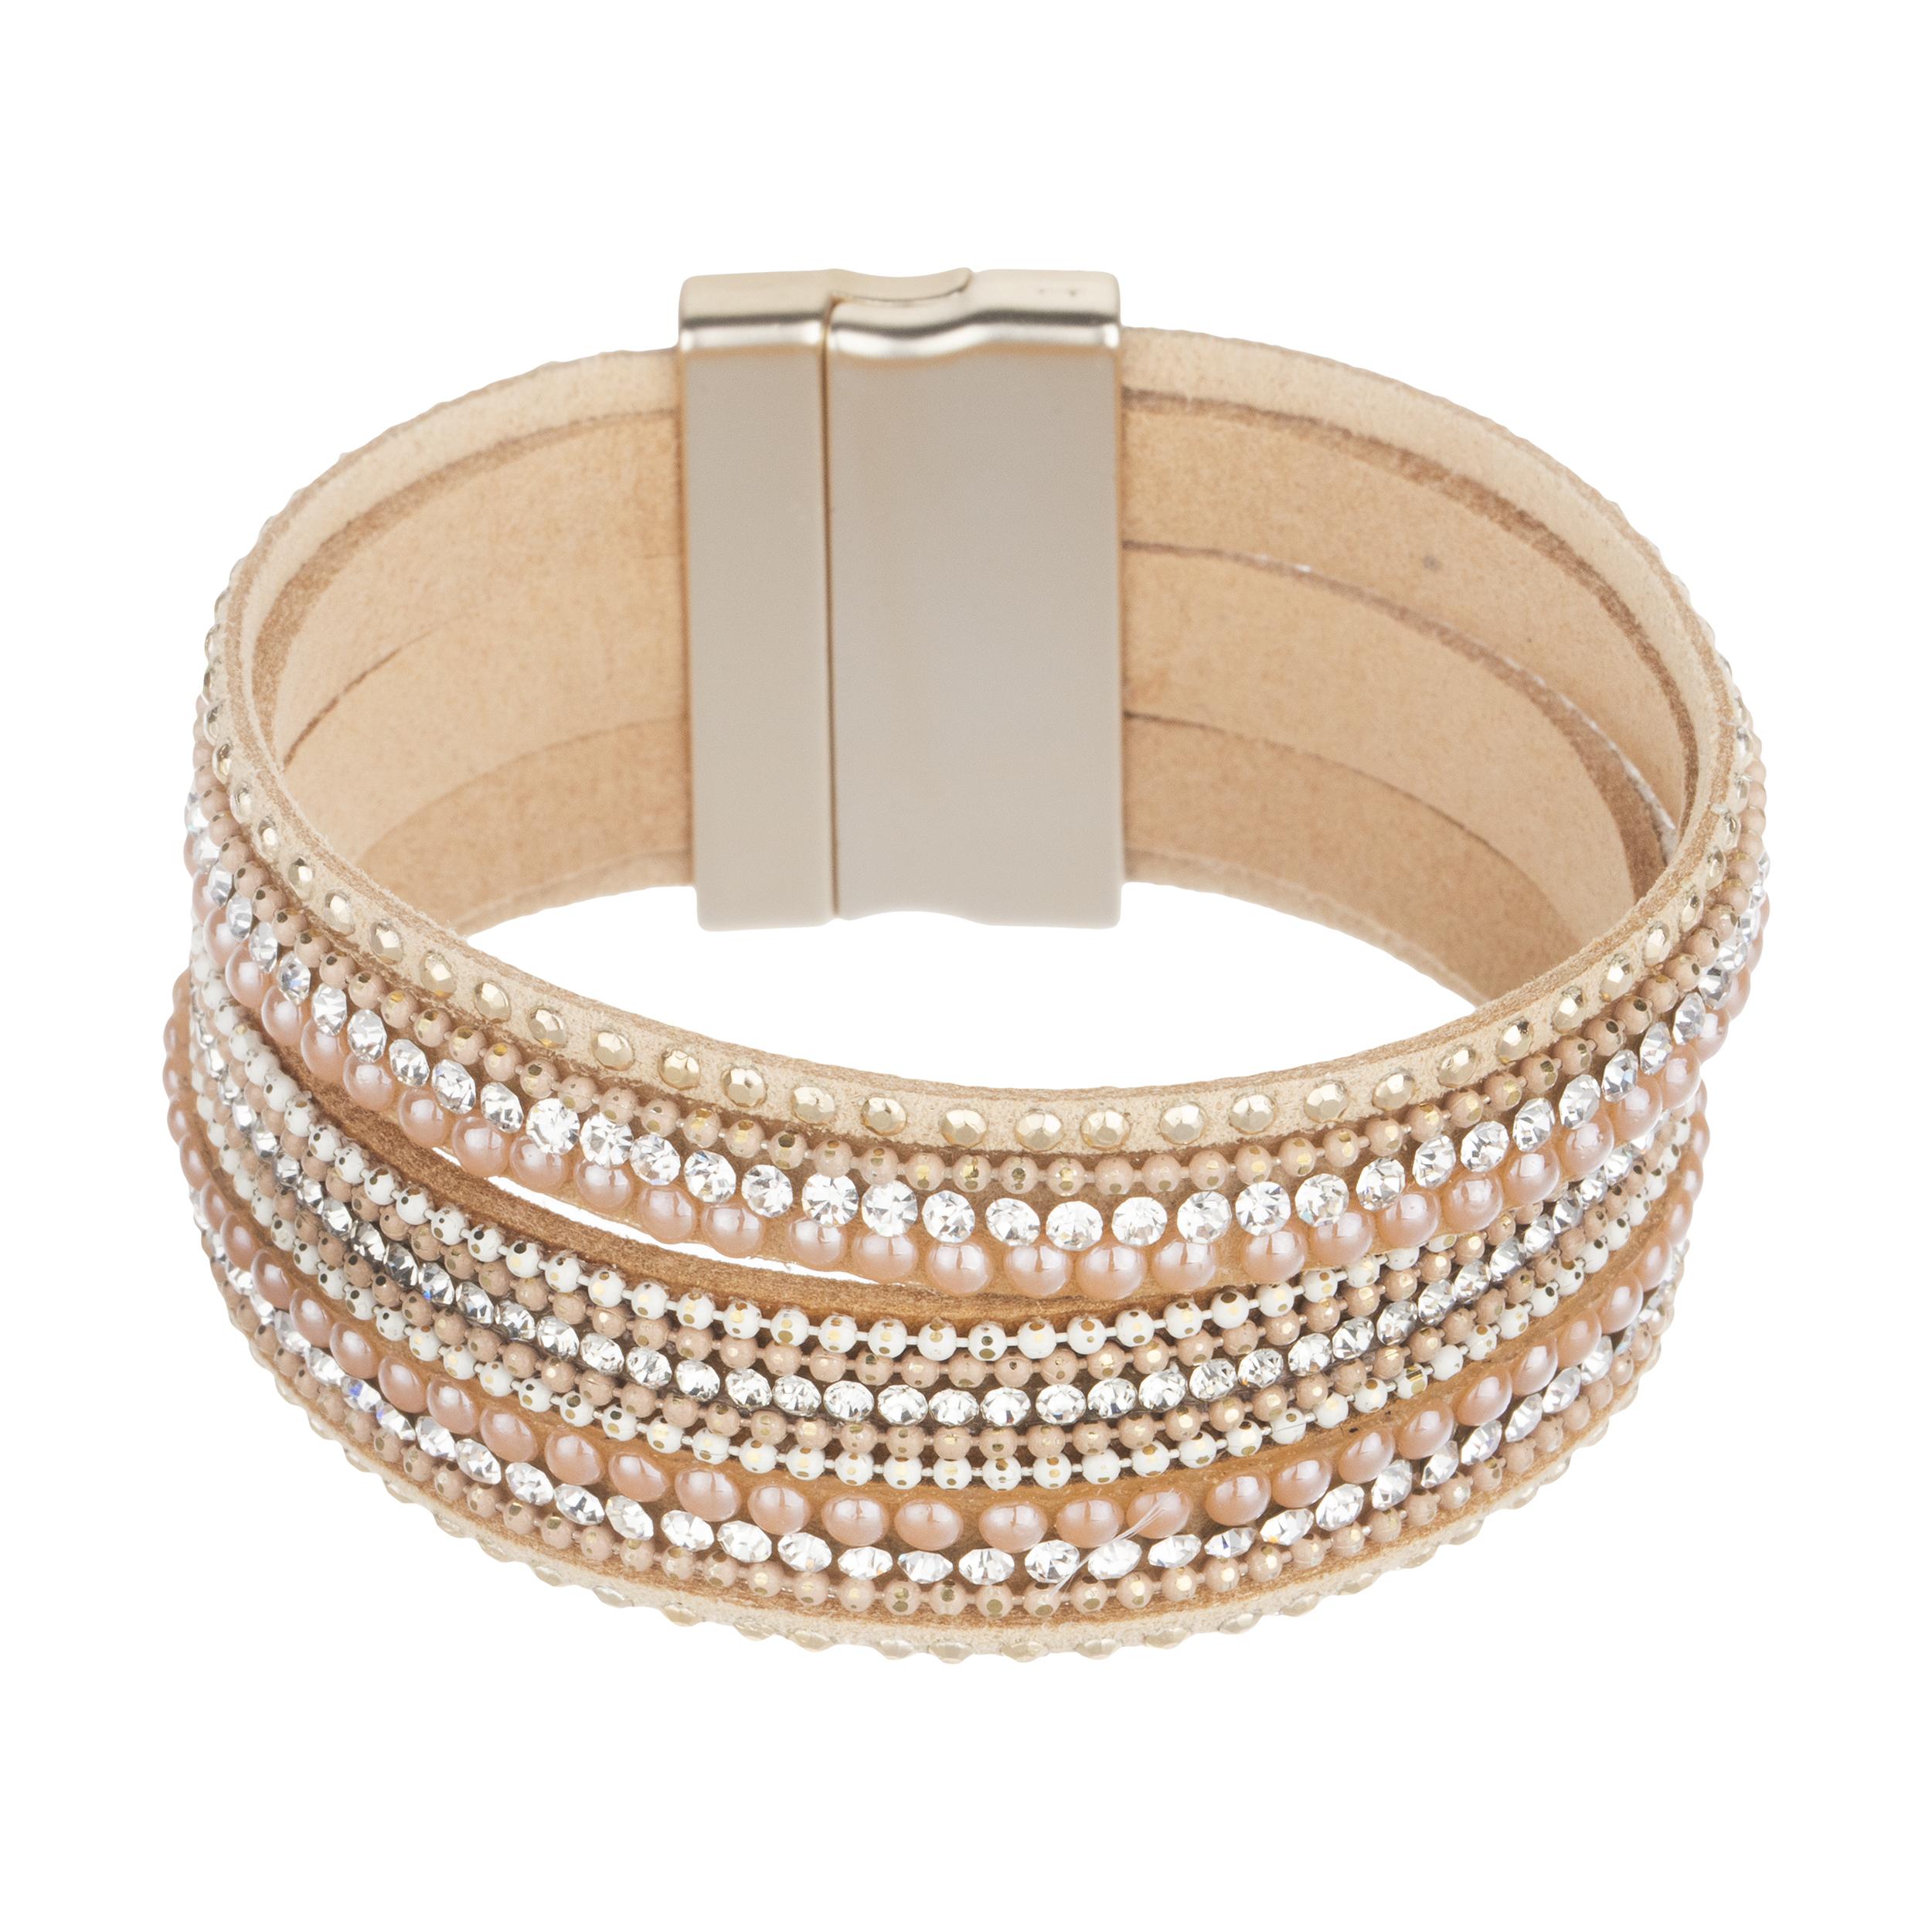 دستبند زنانه گالری شمرون کد 423P0